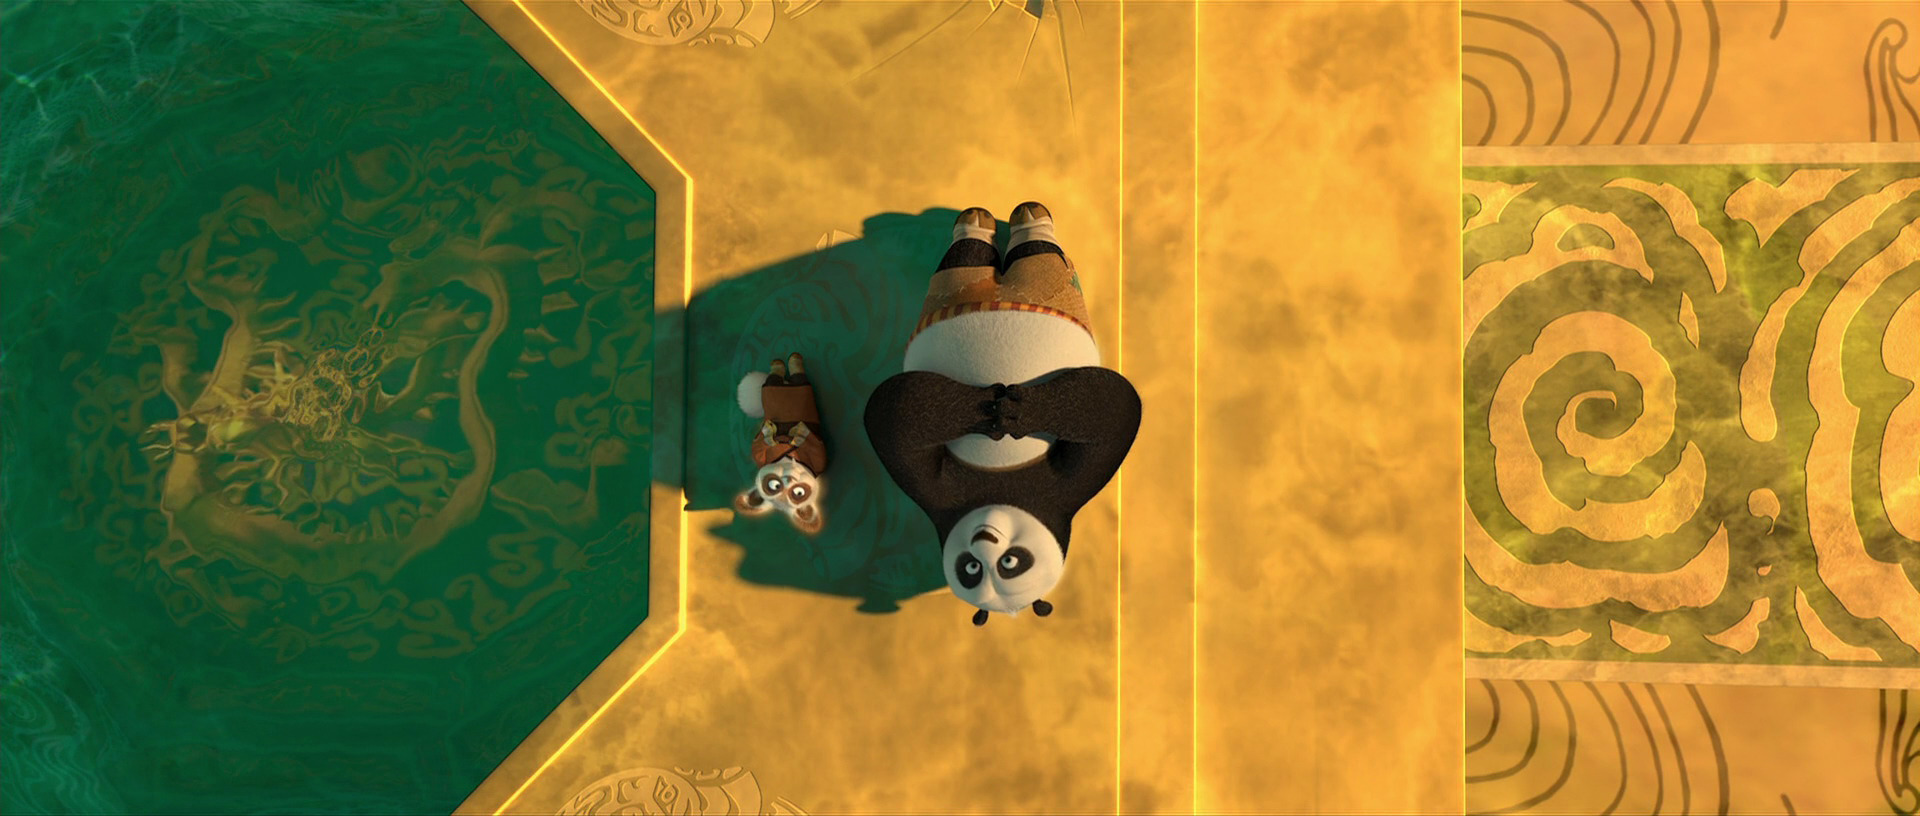 2316  July 30  2011 Kung Fu Panda Po And Shifu